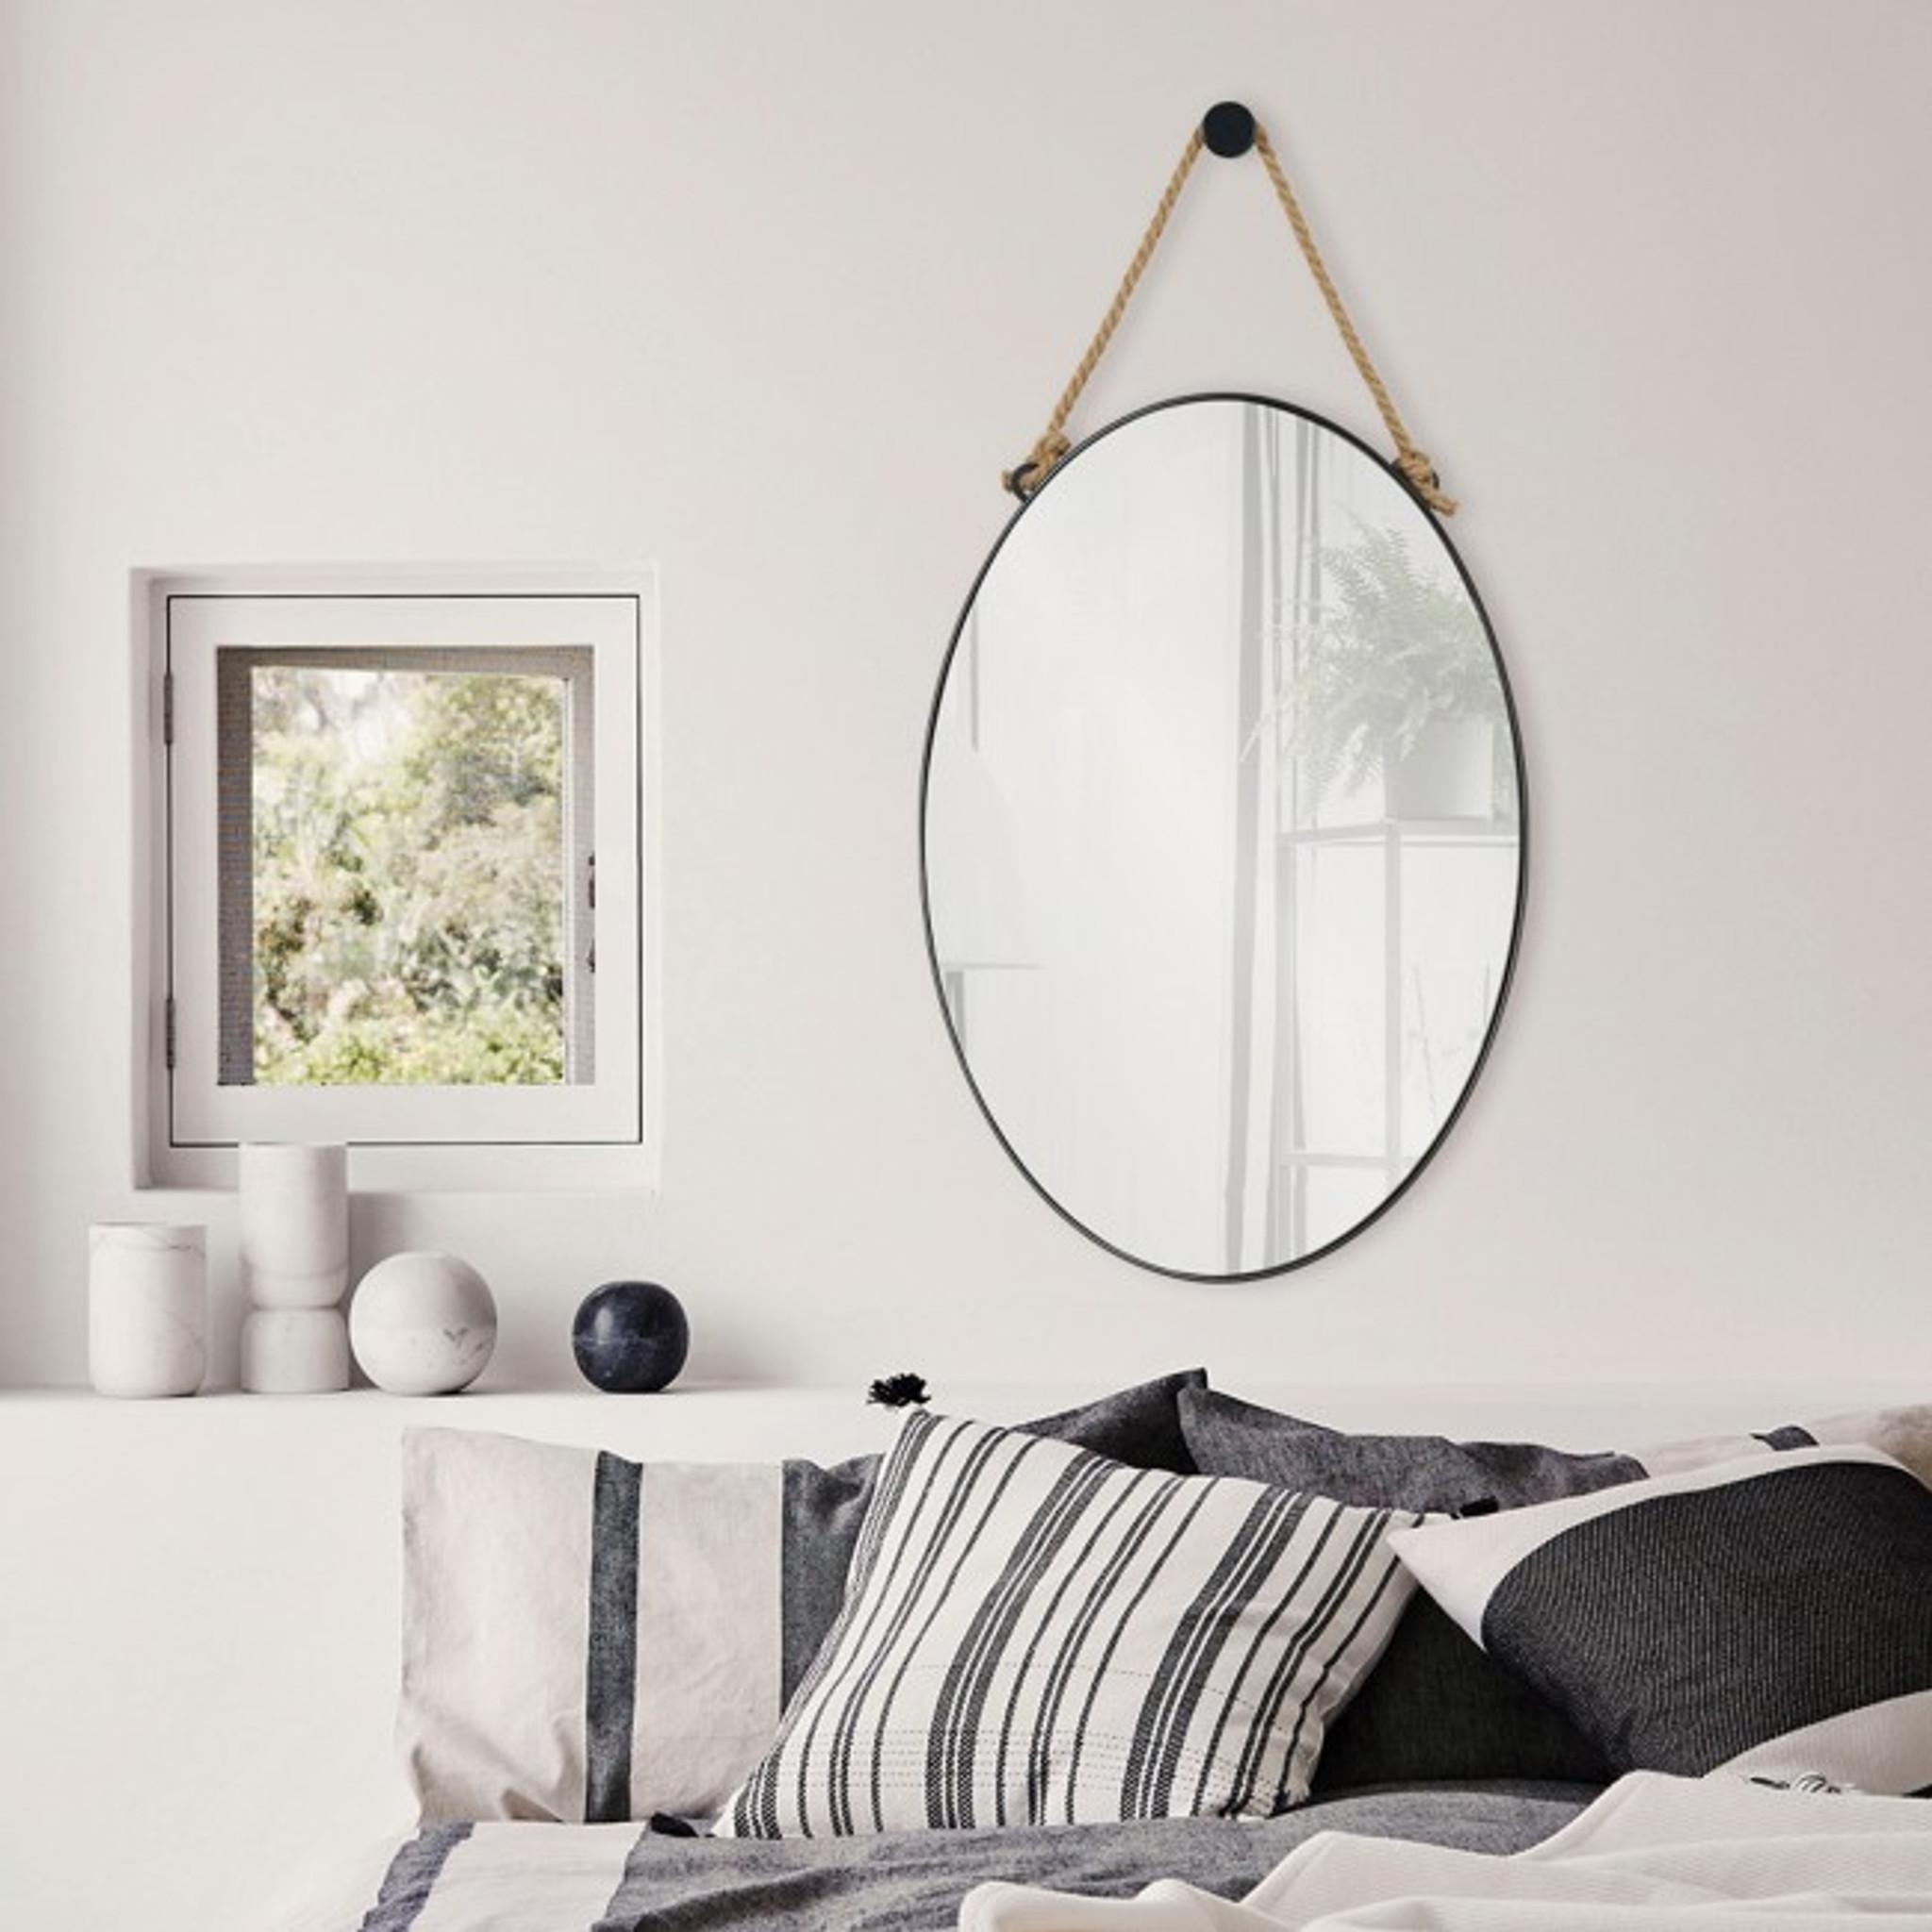 renwil parbuckle black metal modern oval wall mirror hemp rope hanging industrial style